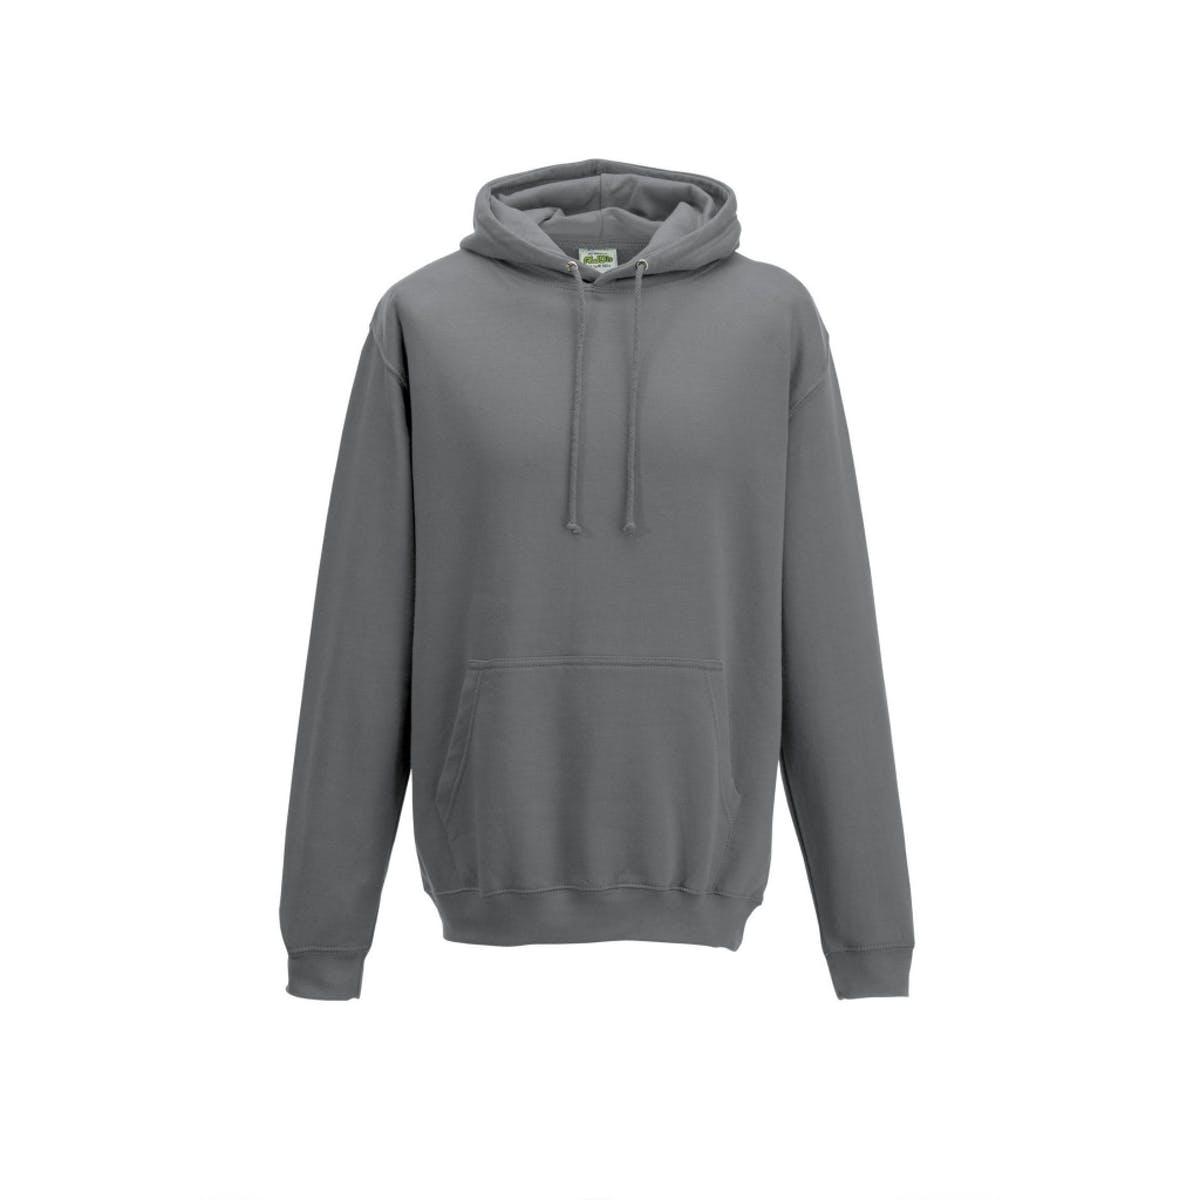 steel grey college hoodies